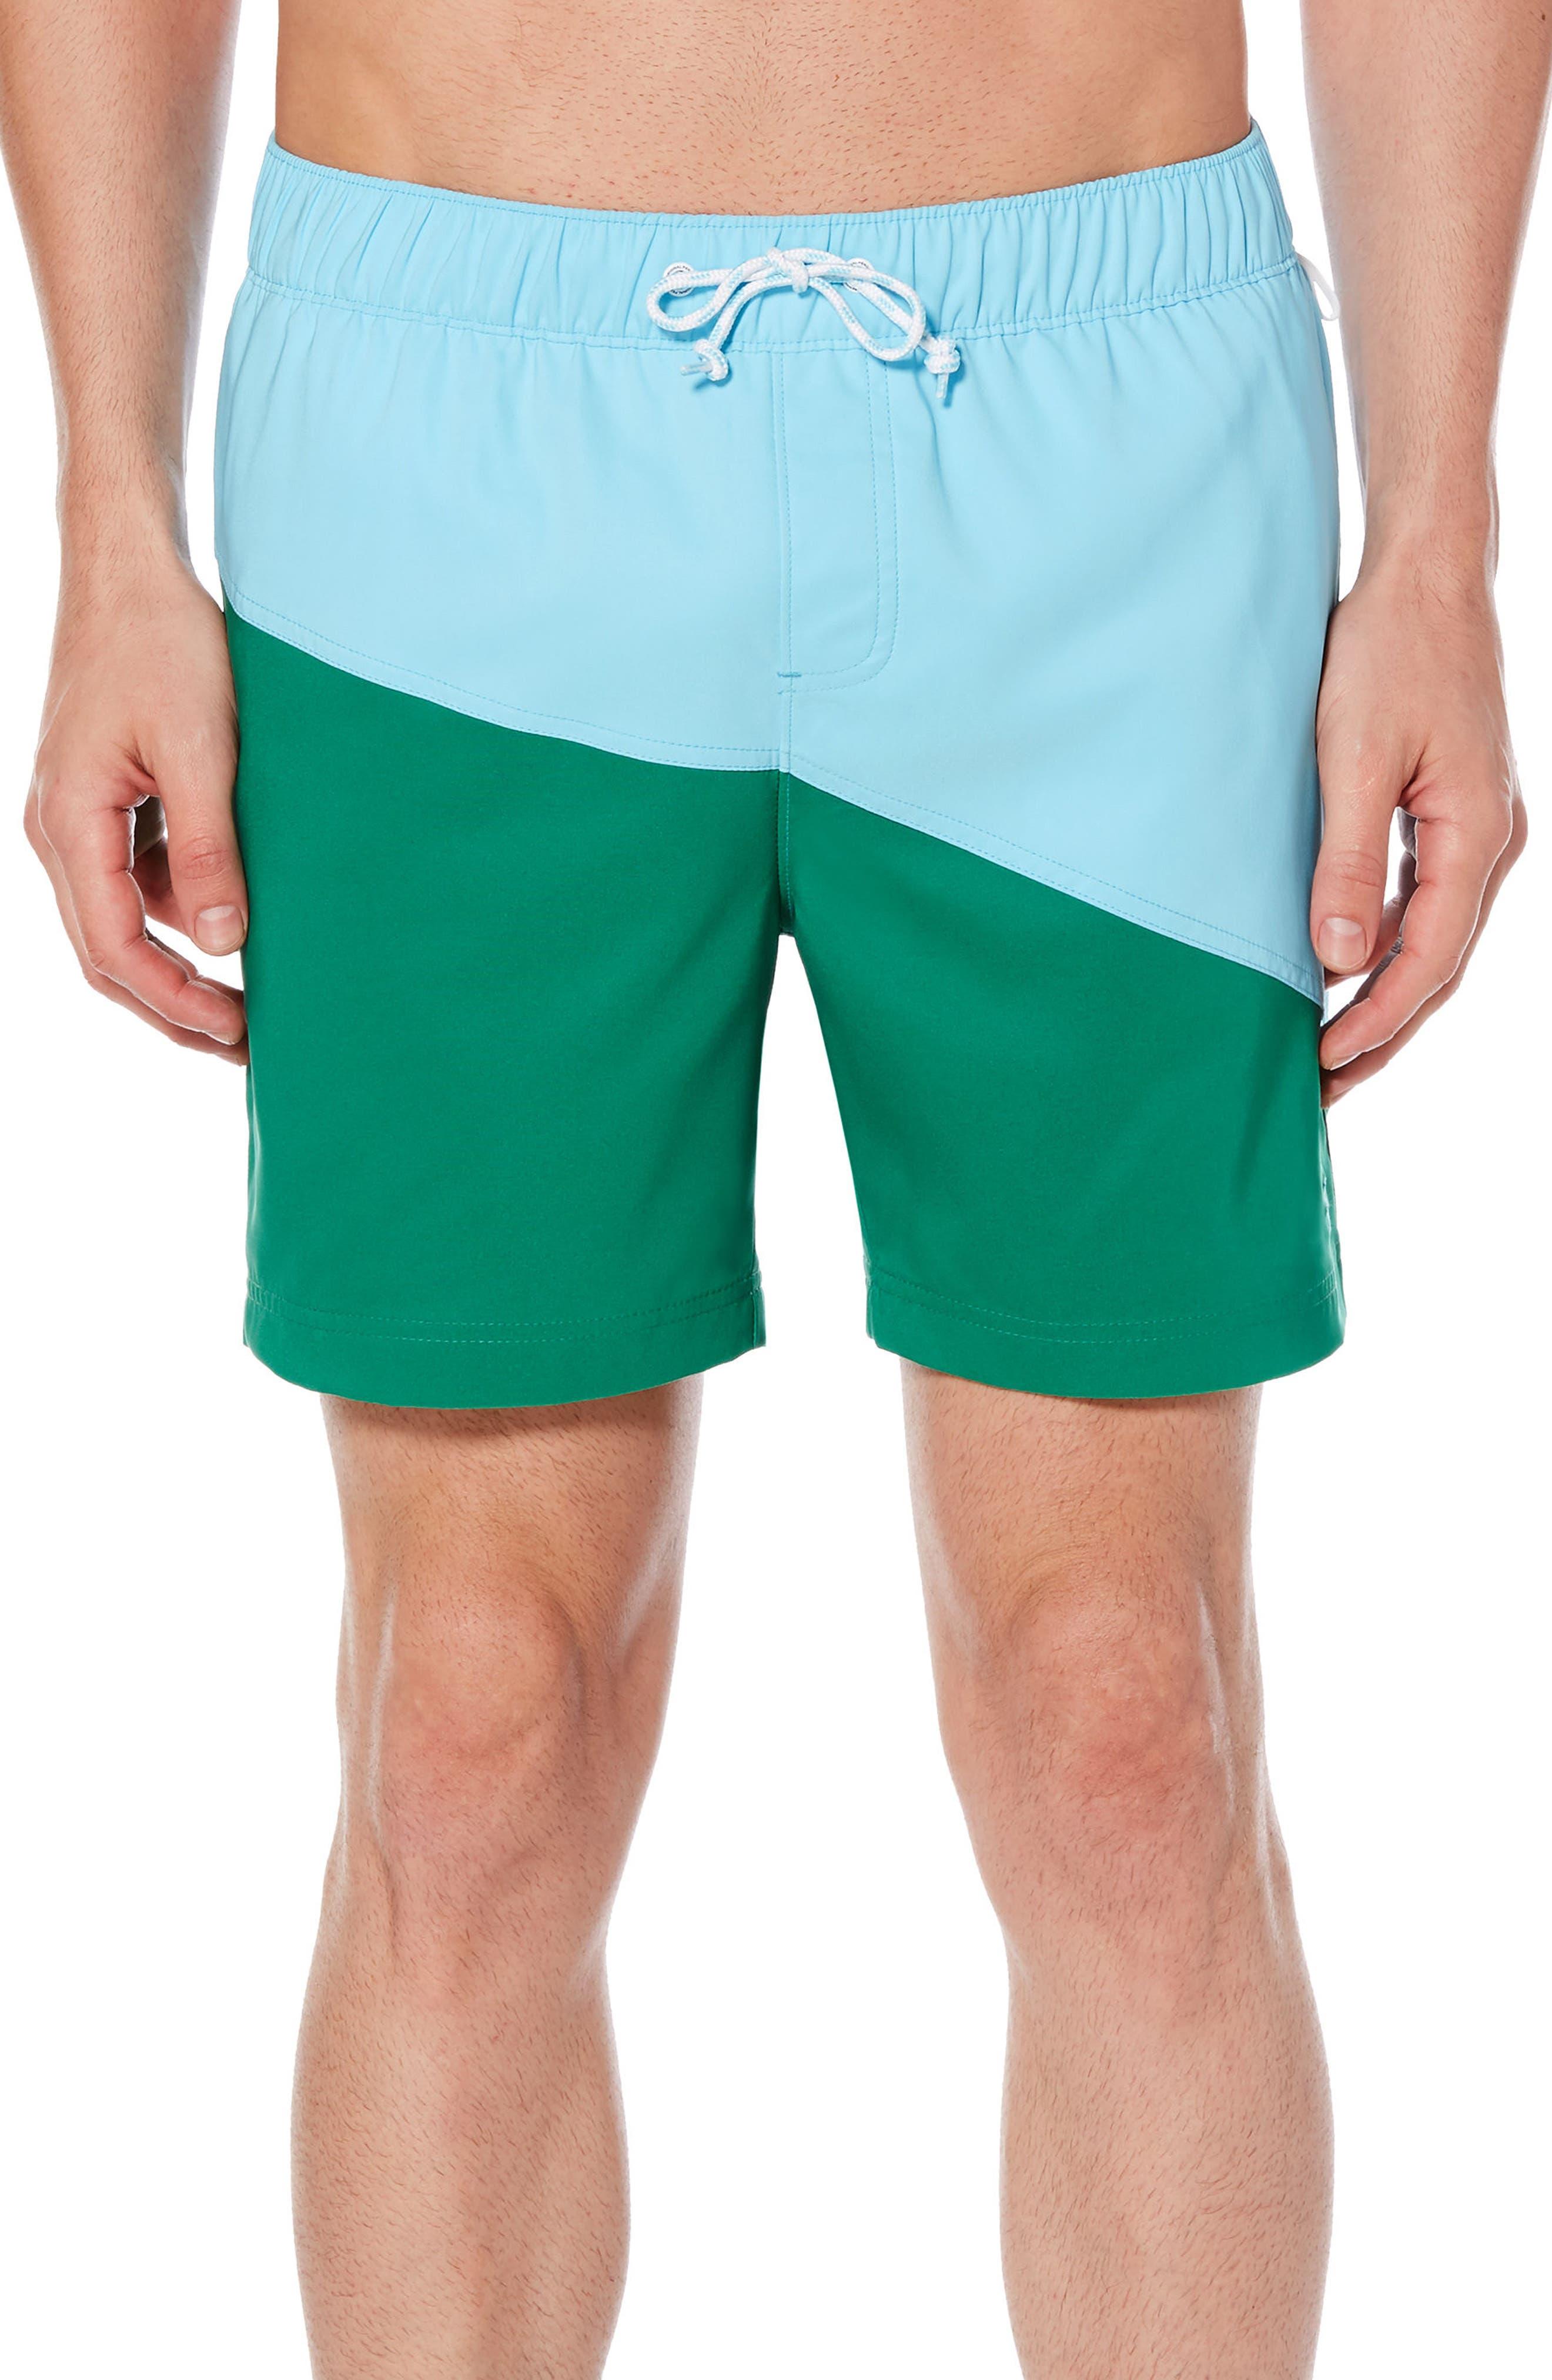 ORIGINAL PENGUIN Colorblock Swim Trunks, Main, color, 407